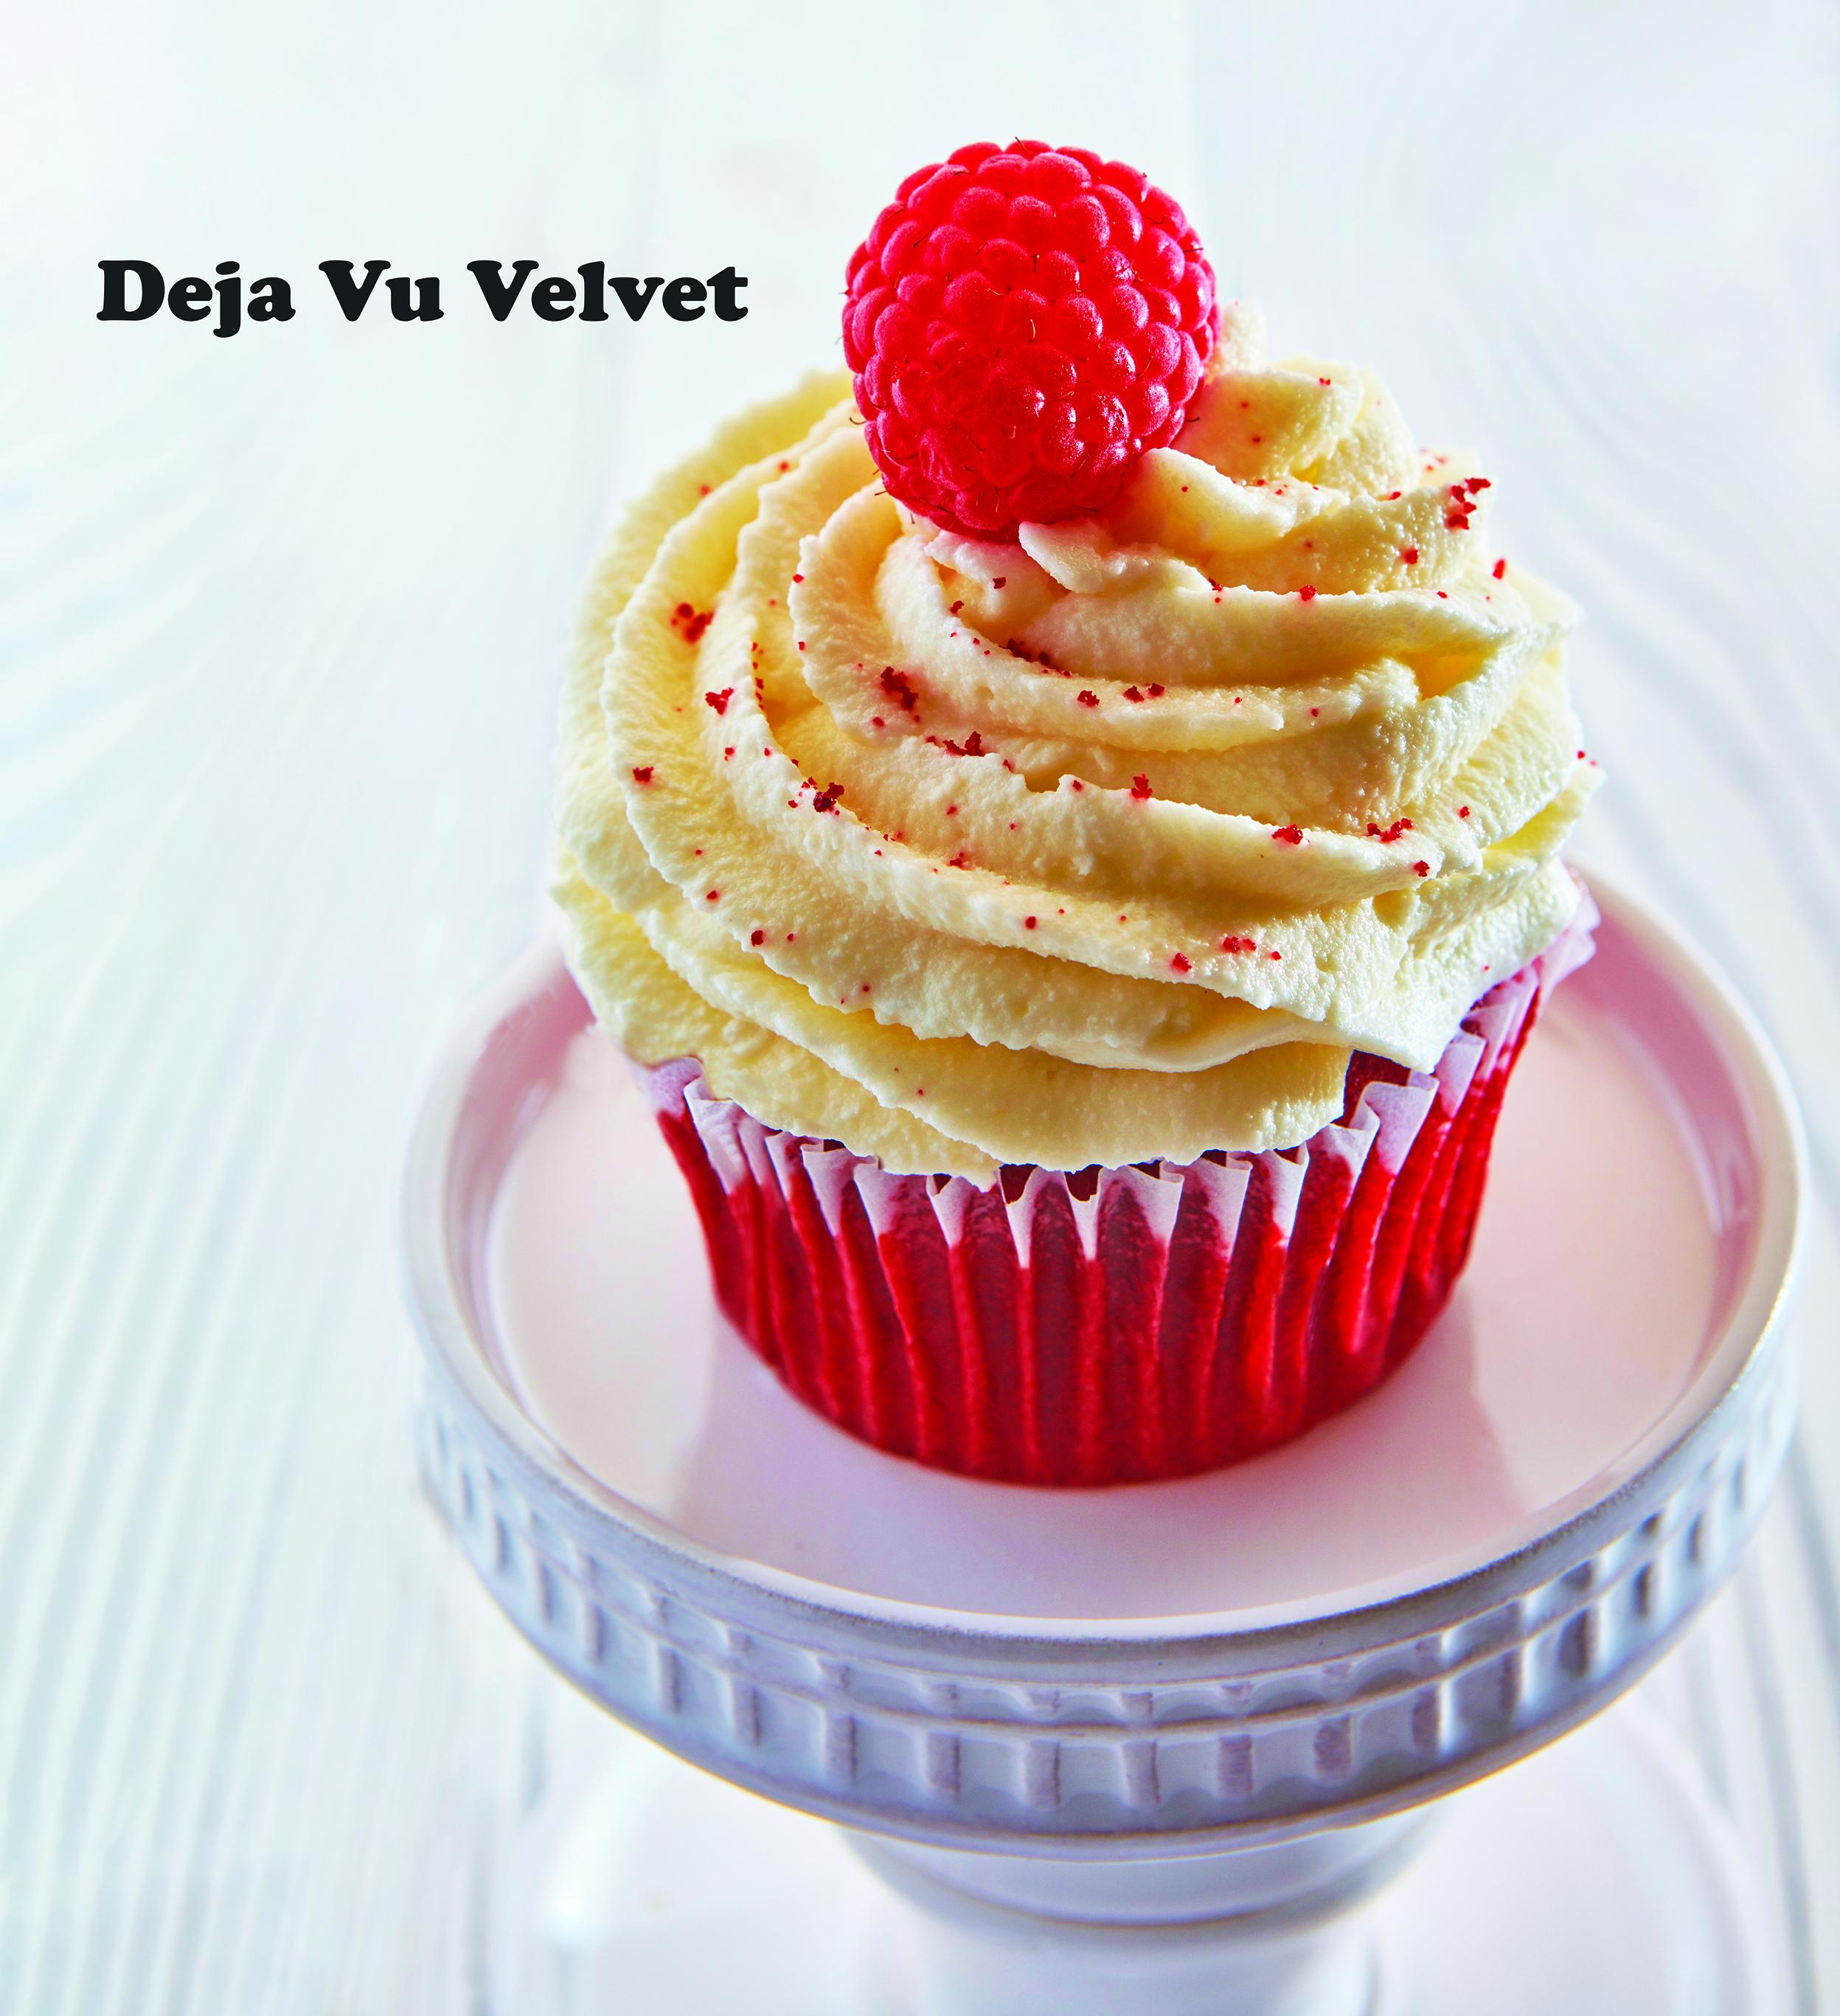 DejaVu-Velvet-08-06-19-22s.jpg